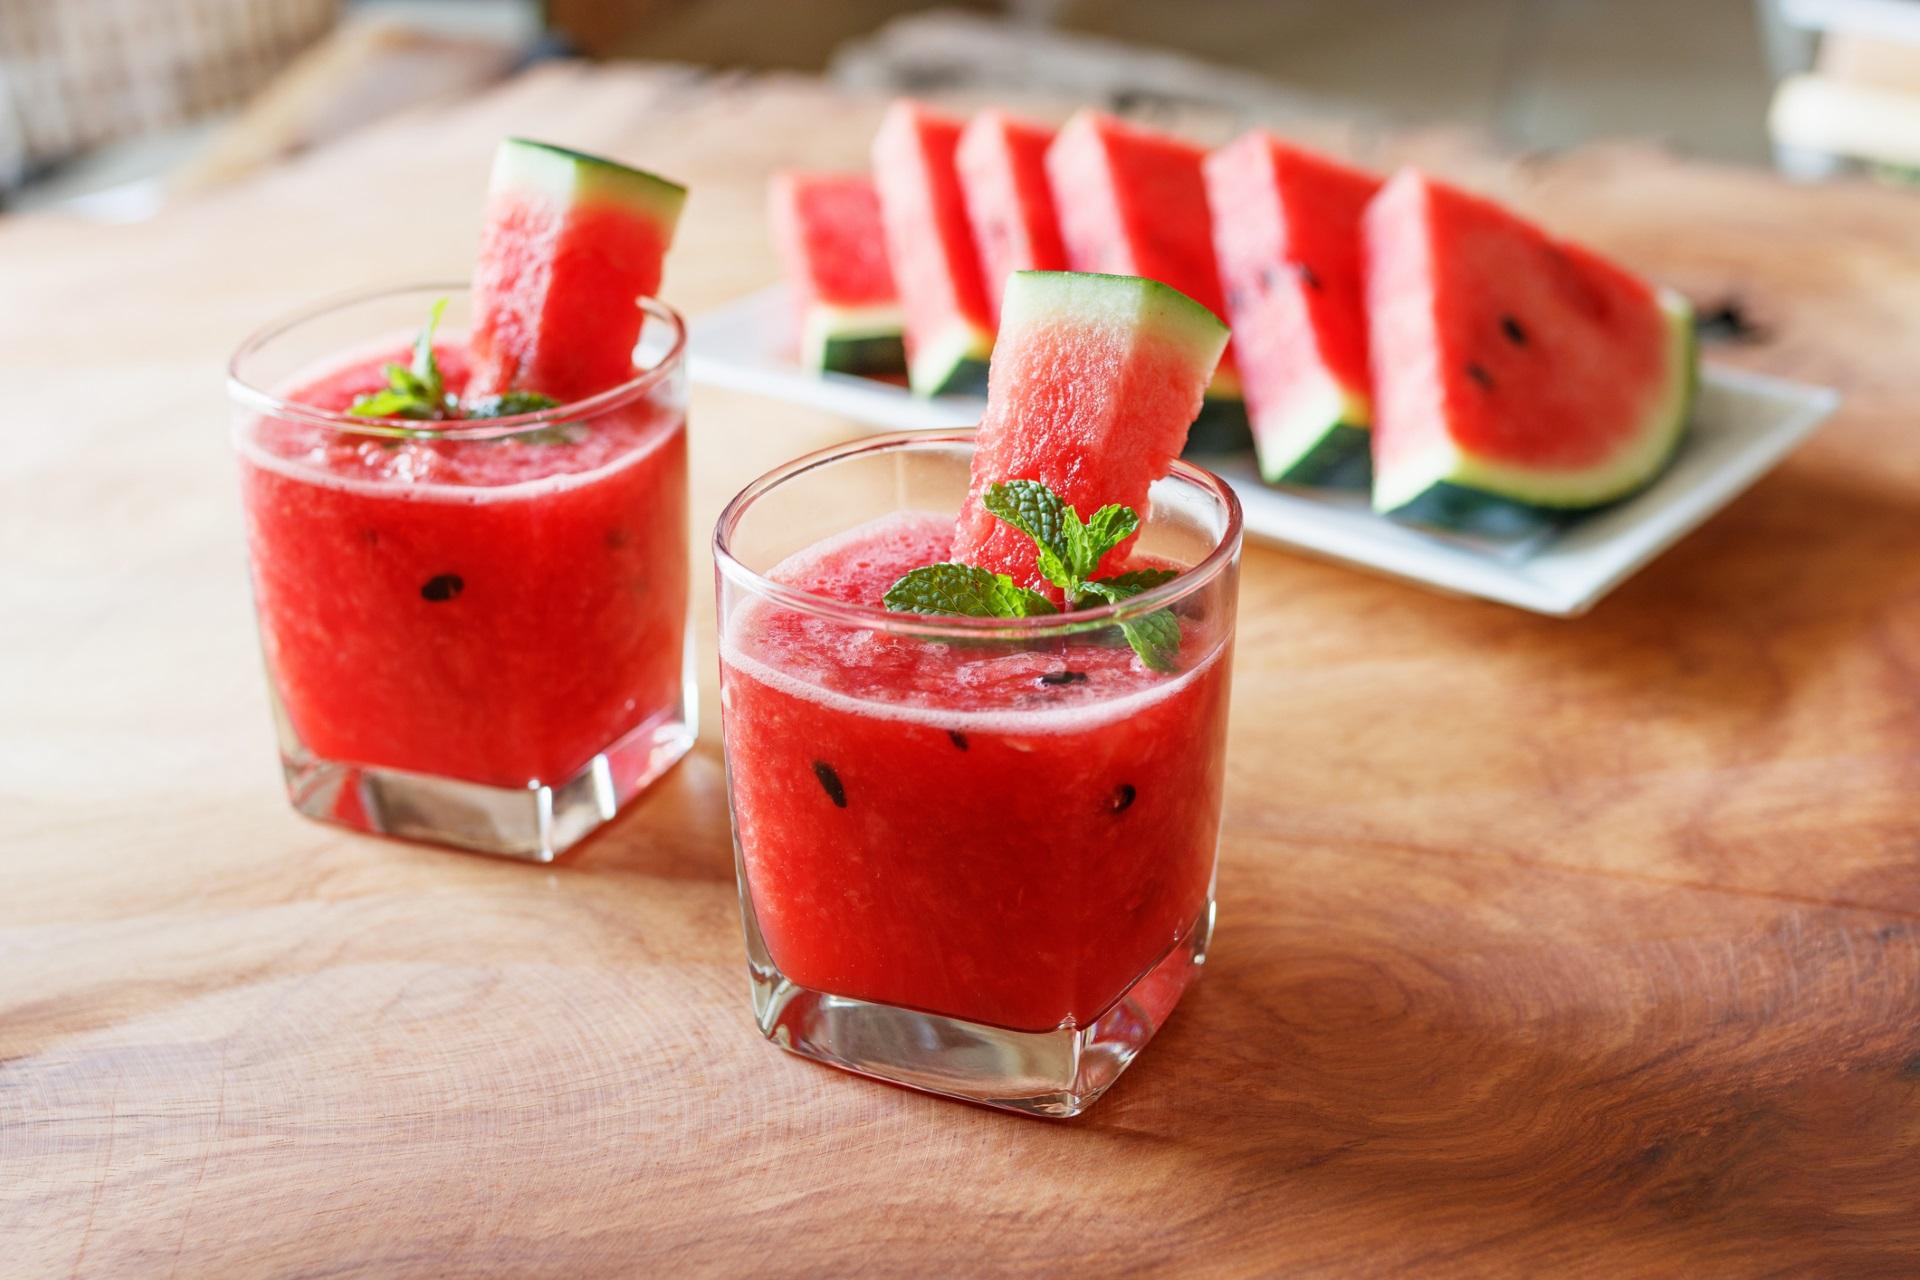 <p><strong>Близнаци &ndash; диня</strong></p>  <p>Най-веселият зодиакален знак получава най-веселия плод, свързан с лято, летни забавления и емоции. Динята е парти плодът.</p>